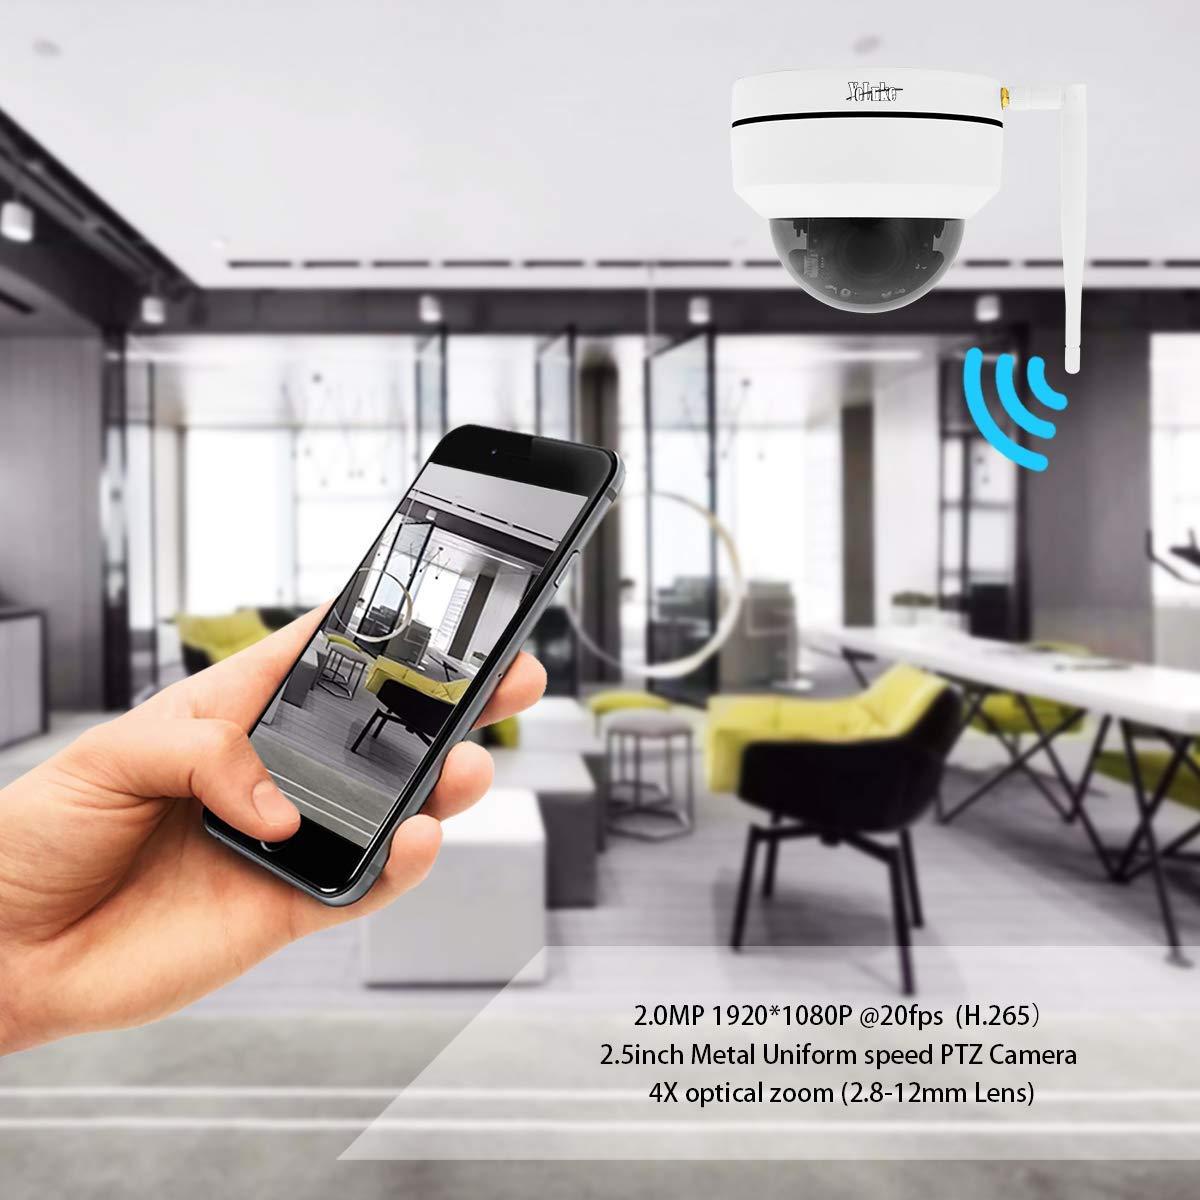 C/ámara IP WiFi 1080p HD C/ámara Domo PTZ Zoom /óptico 4X H.265 C/ámara de Seguridad para Interiores y Exteriores Ranura de Tarjeta SD incorporada Impermeable IP66